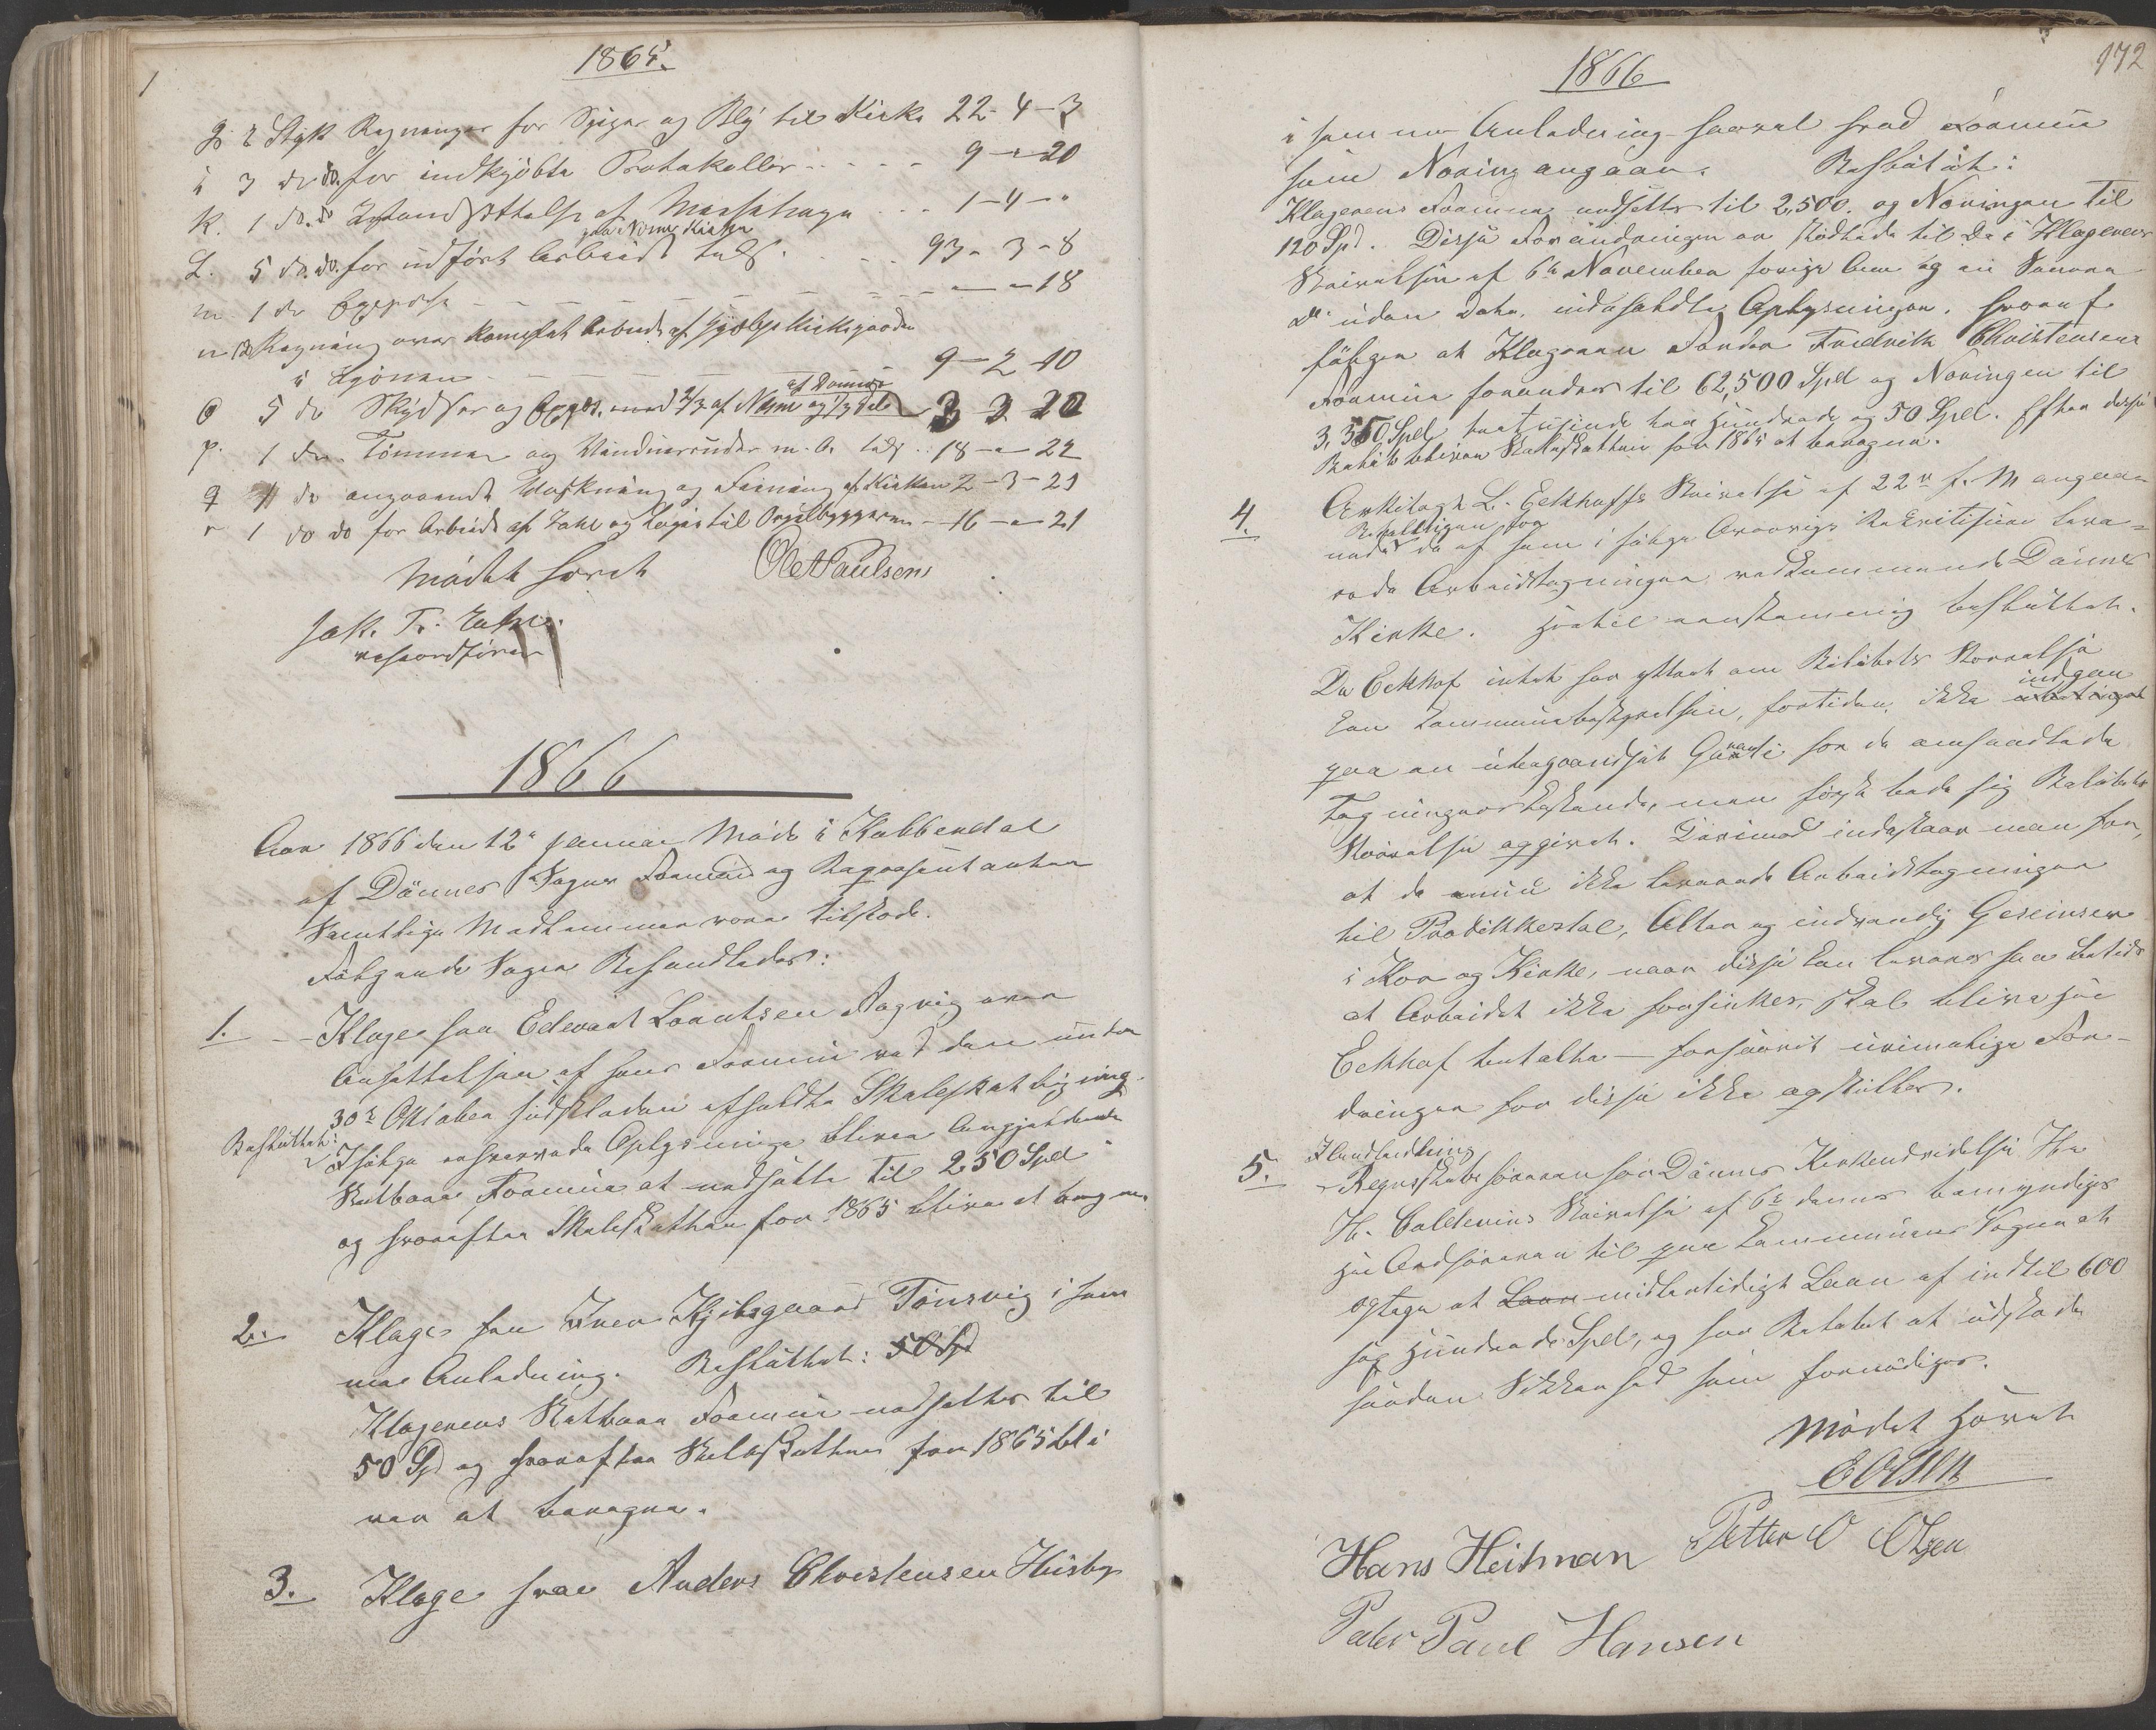 AIN, Nesna kommune. Formannskapet, 100/L0001: Møtebok, 1838-1873, s. 172